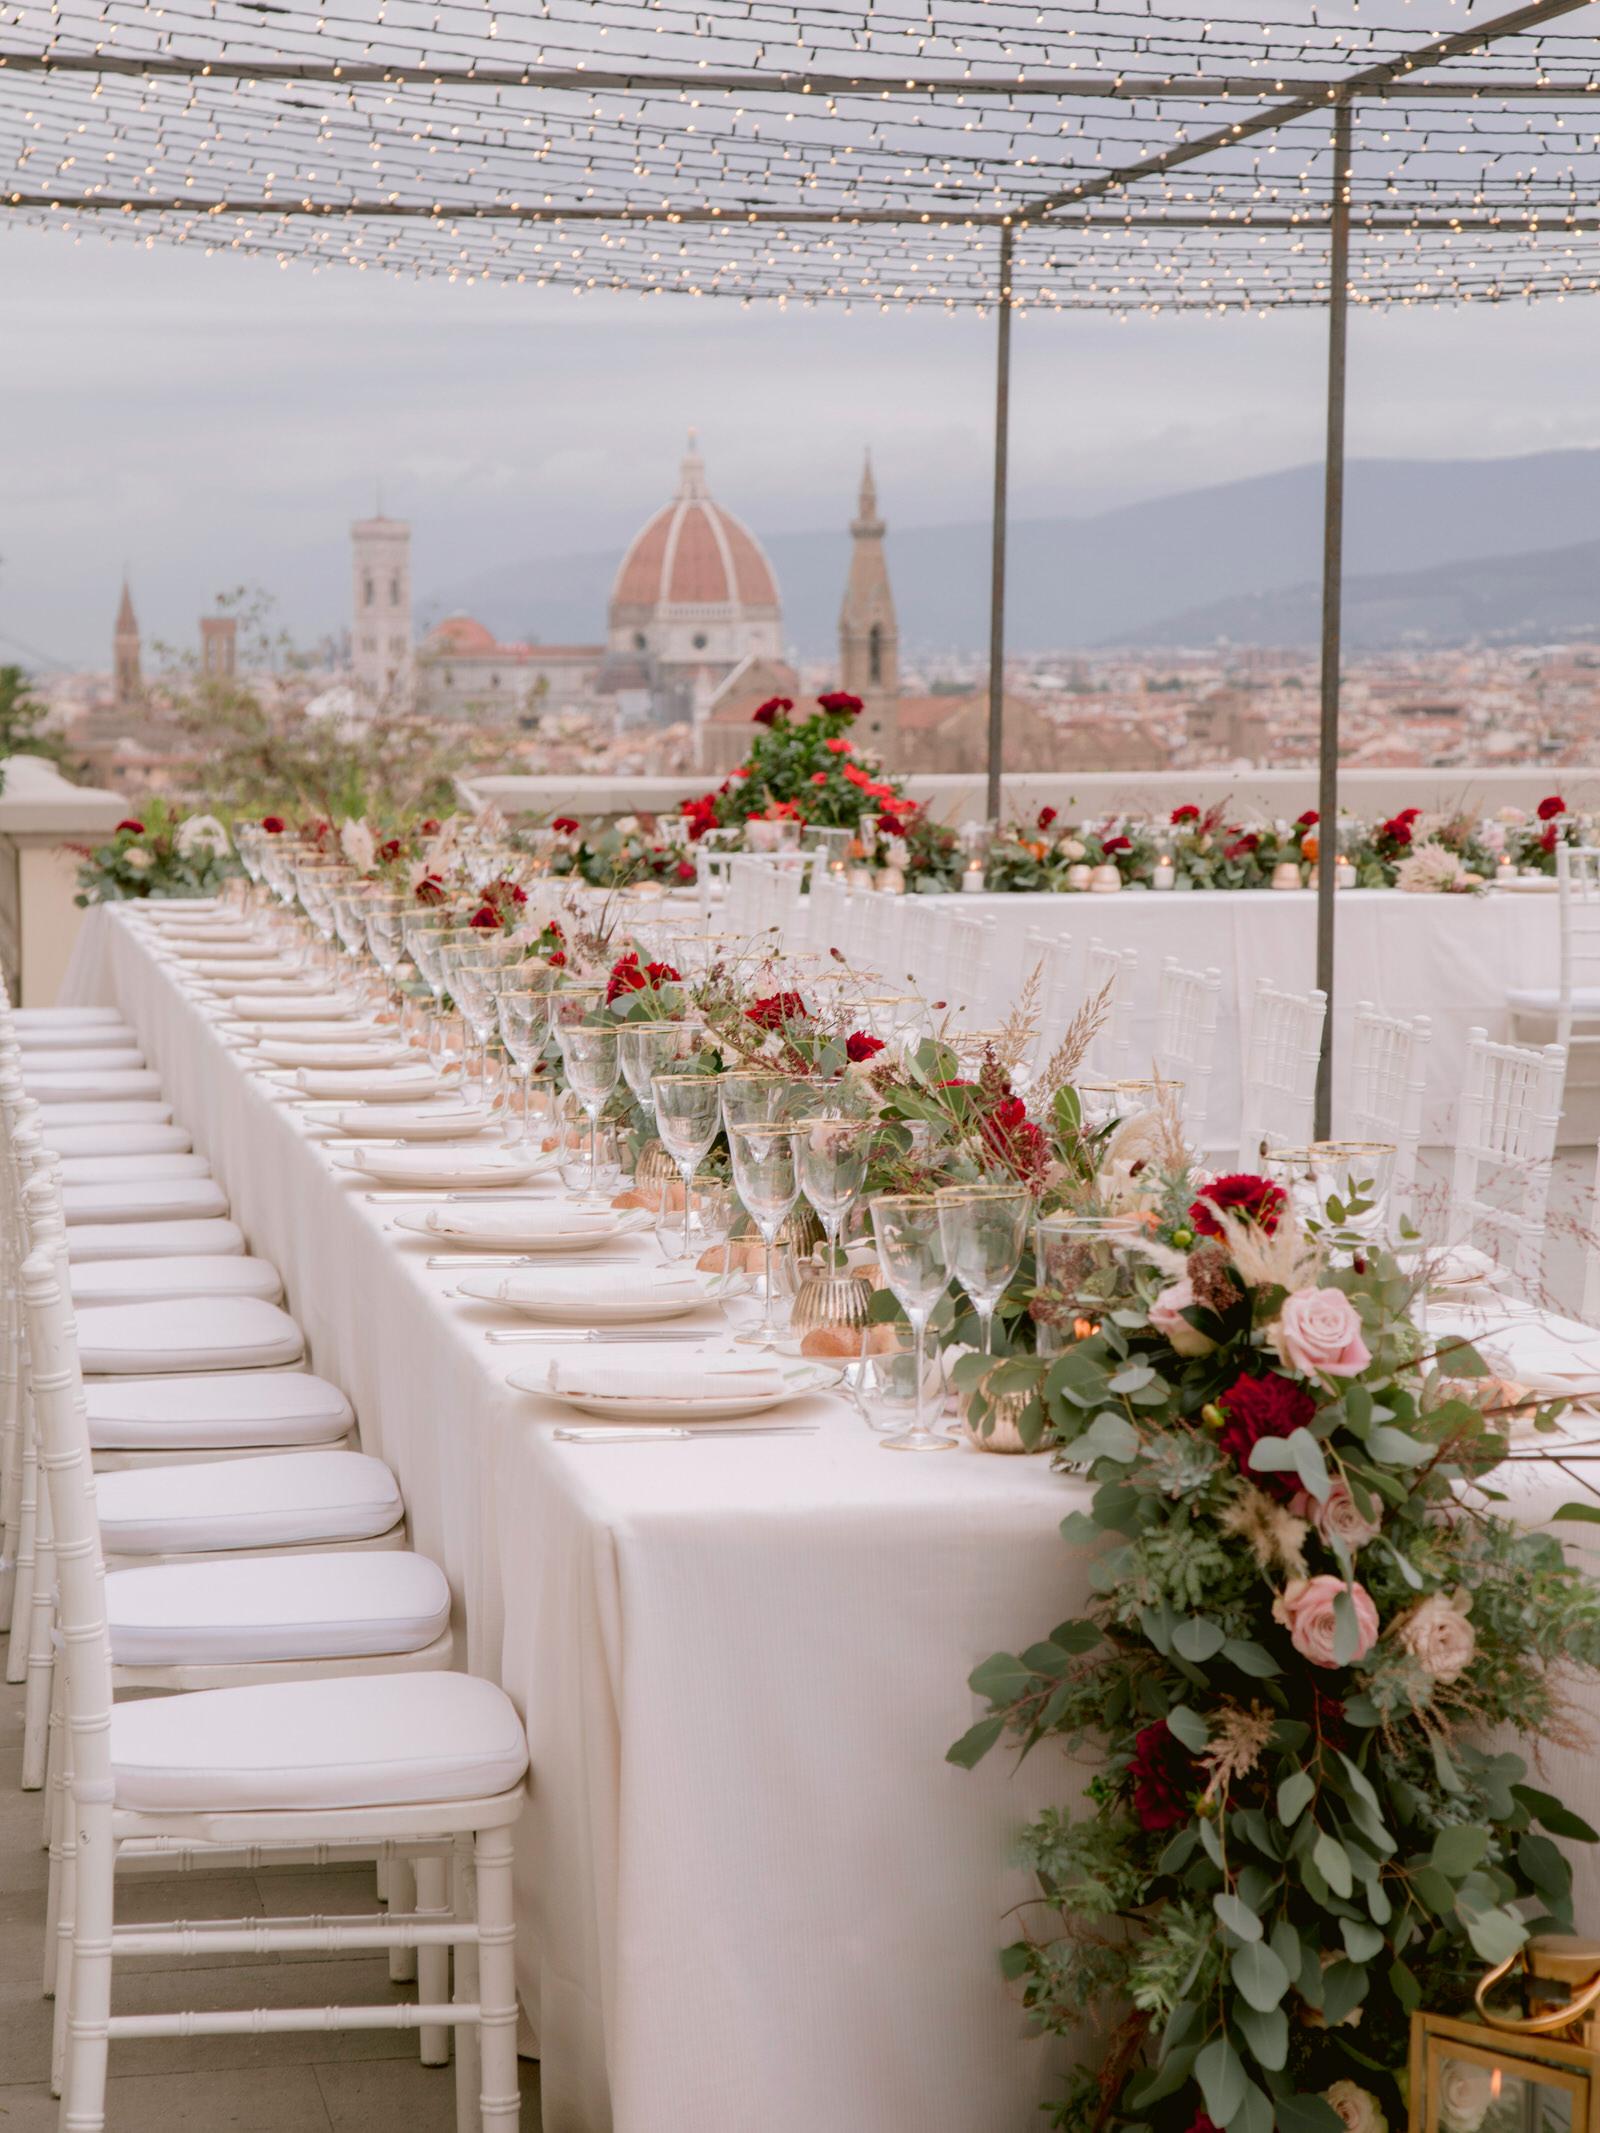 191009_Kersey_Moseley_Wedding_Villa_La_Vedetta-633